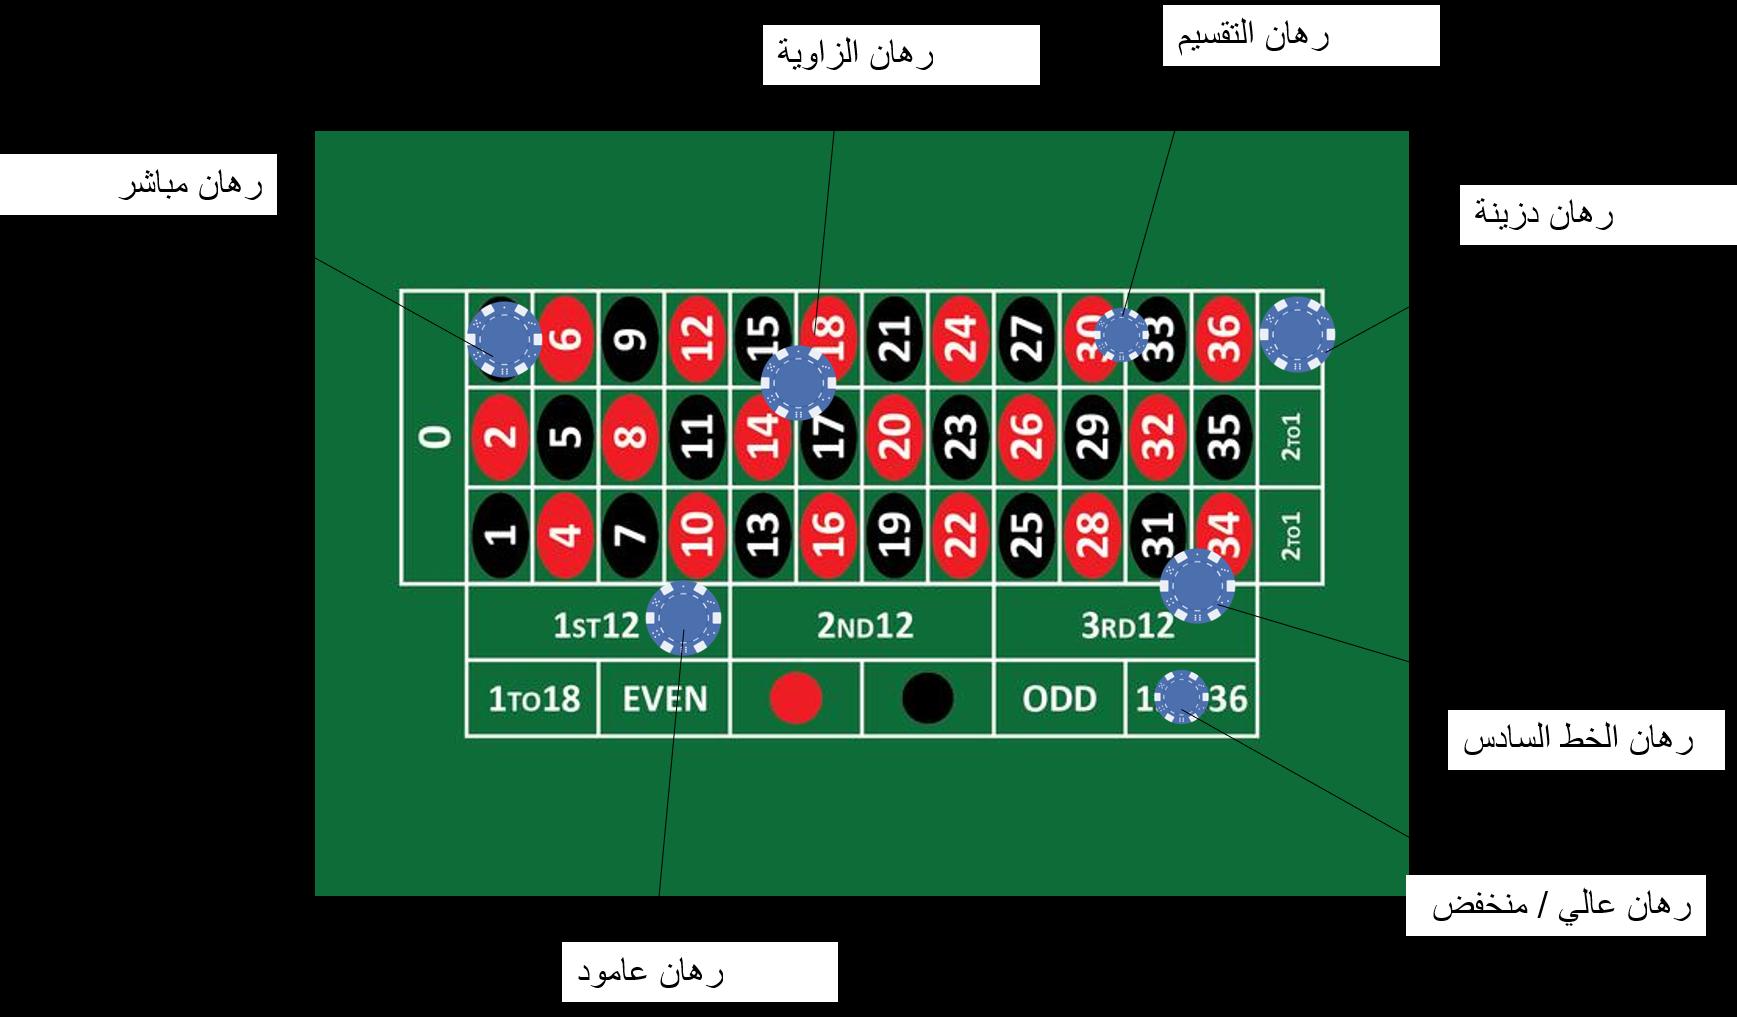 دليل لعبة بوكر - 22325